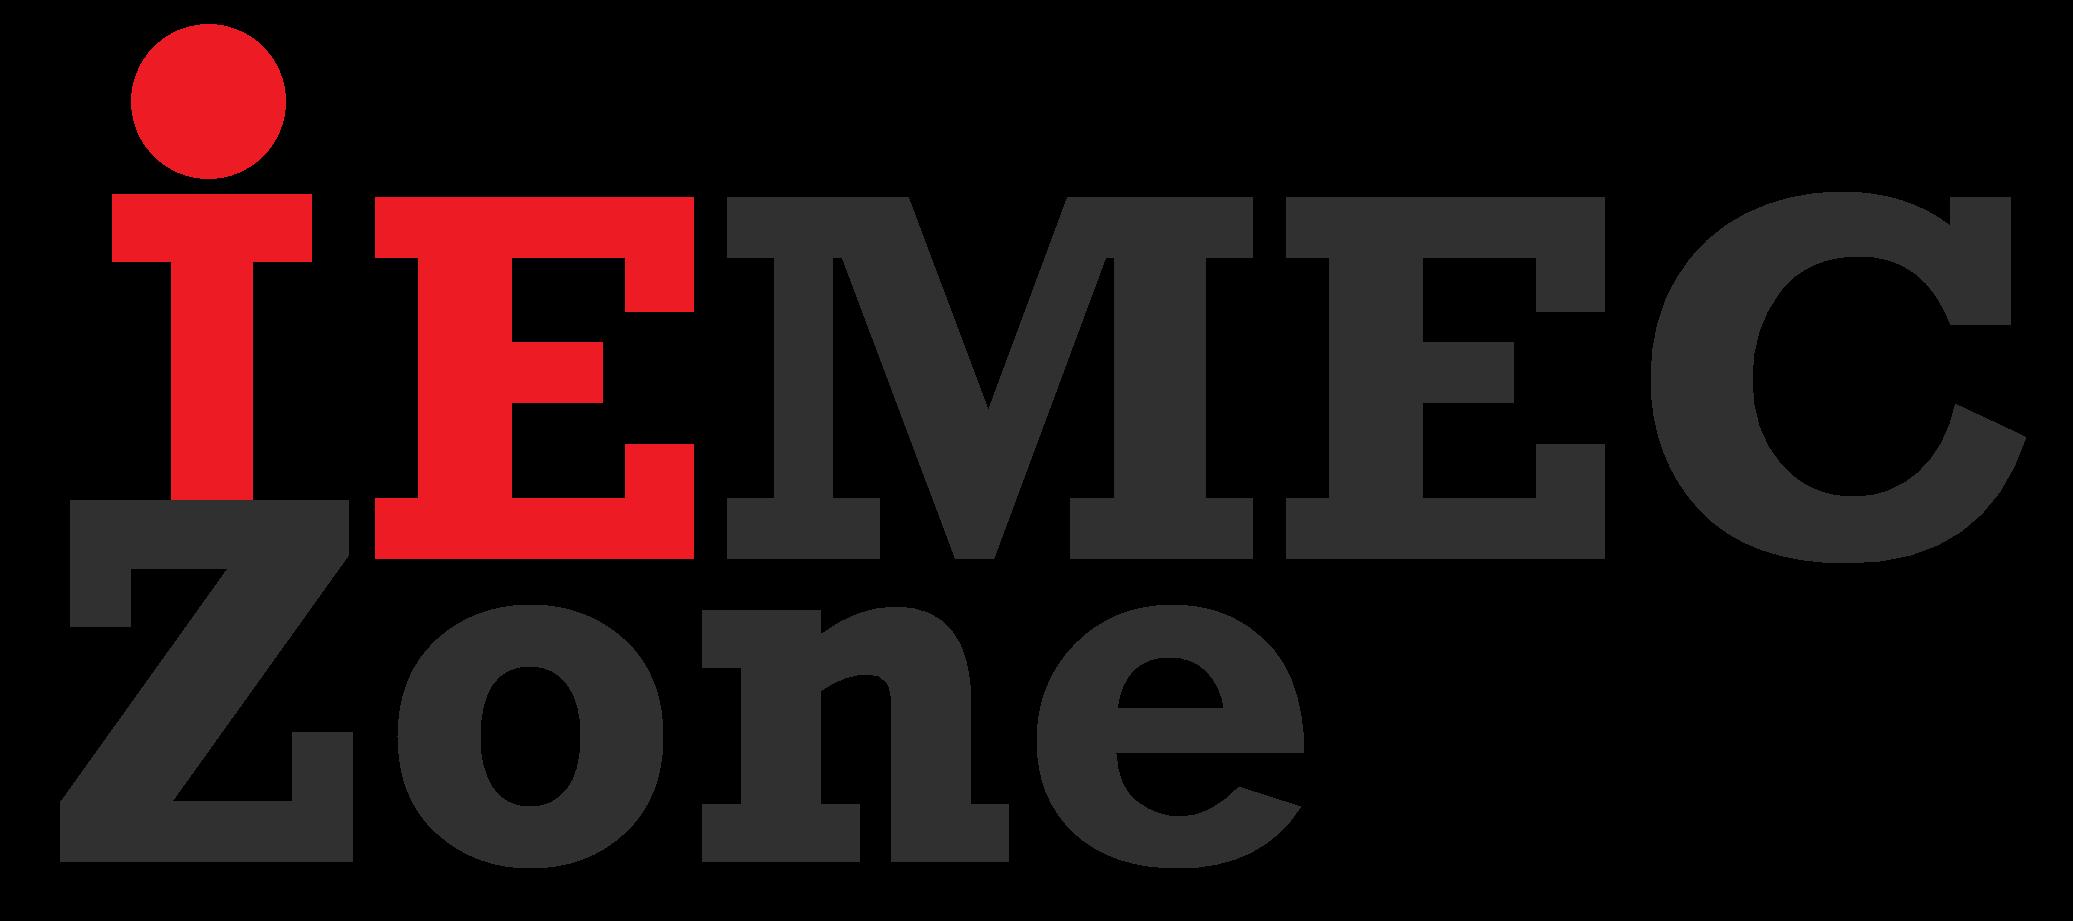 IEMEC ZONE